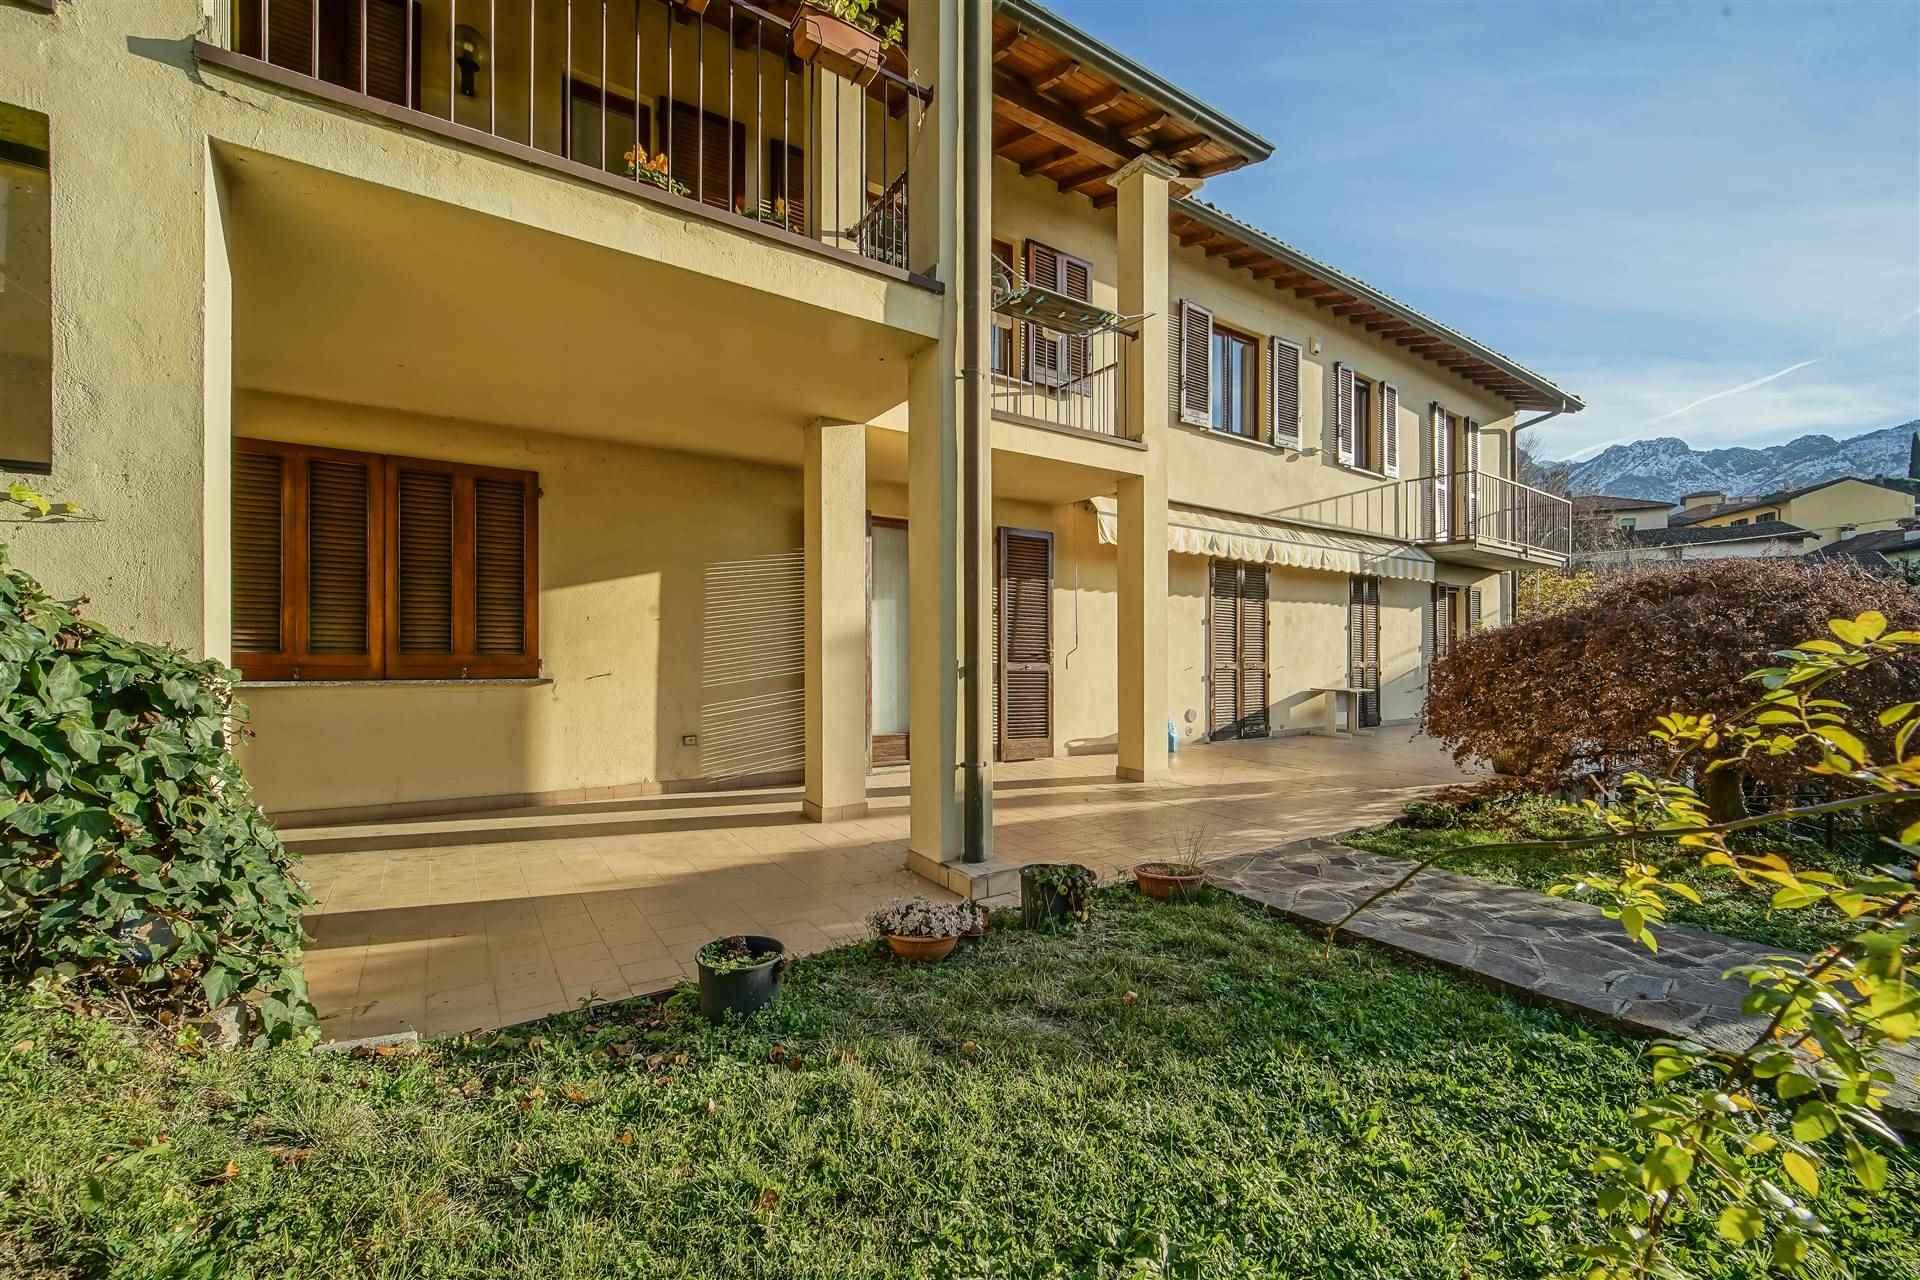 Villa Bifamiliare in vendita a Lecco, 5 locali, zona Zona: Rancio, prezzo € 330.000 | CambioCasa.it